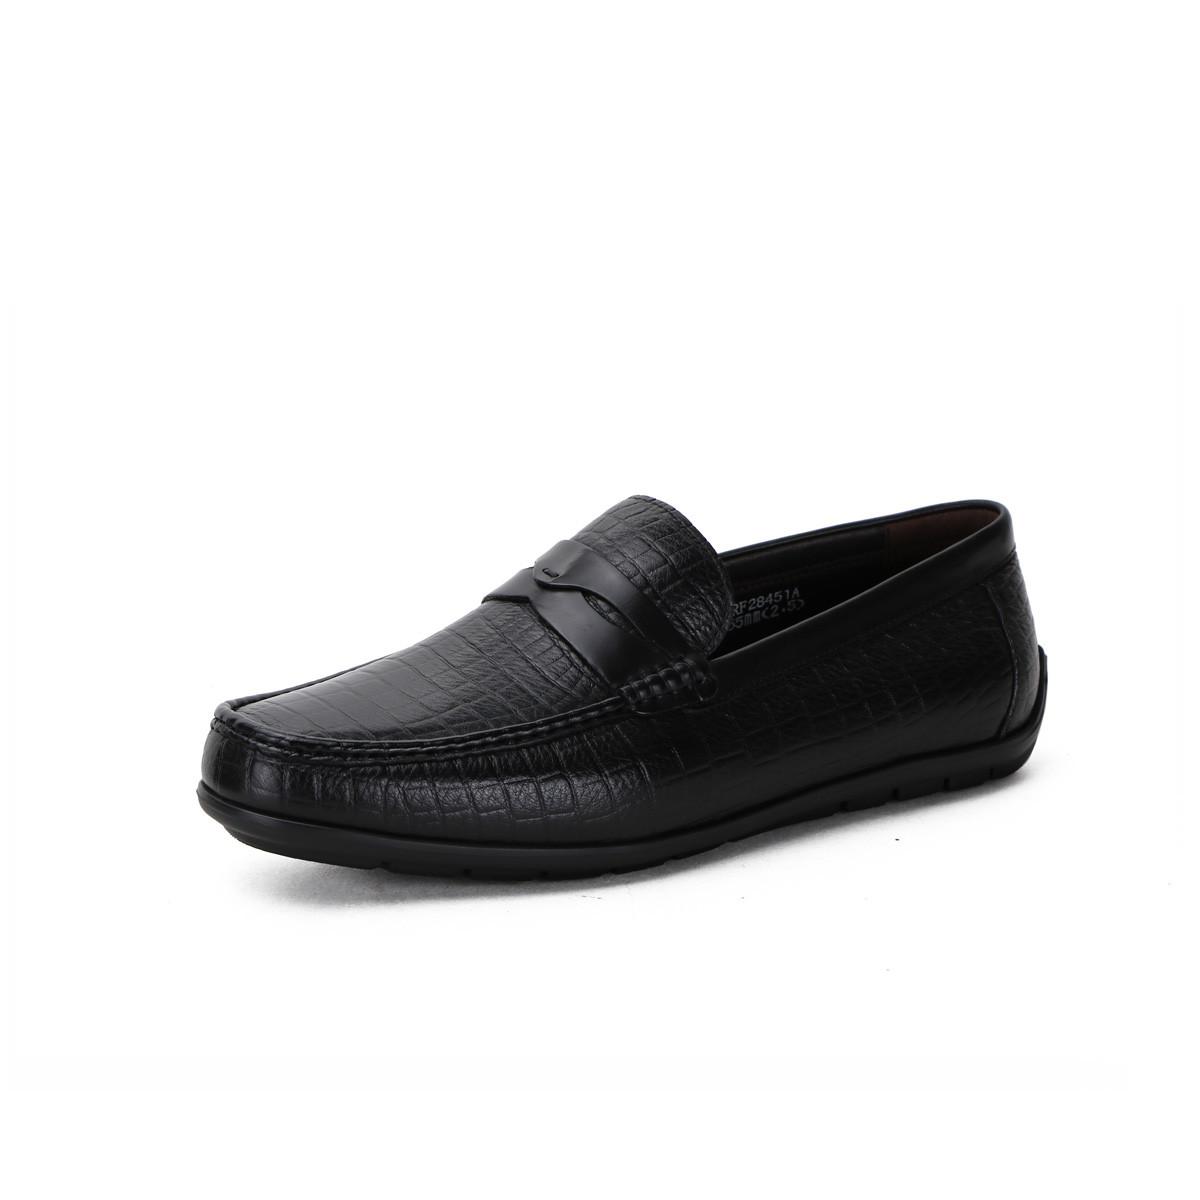 诺贝达进口鳄鱼纹鹿皮商务休闲一脚蹬男鞋男士皮鞋 超轻底SRF28451A